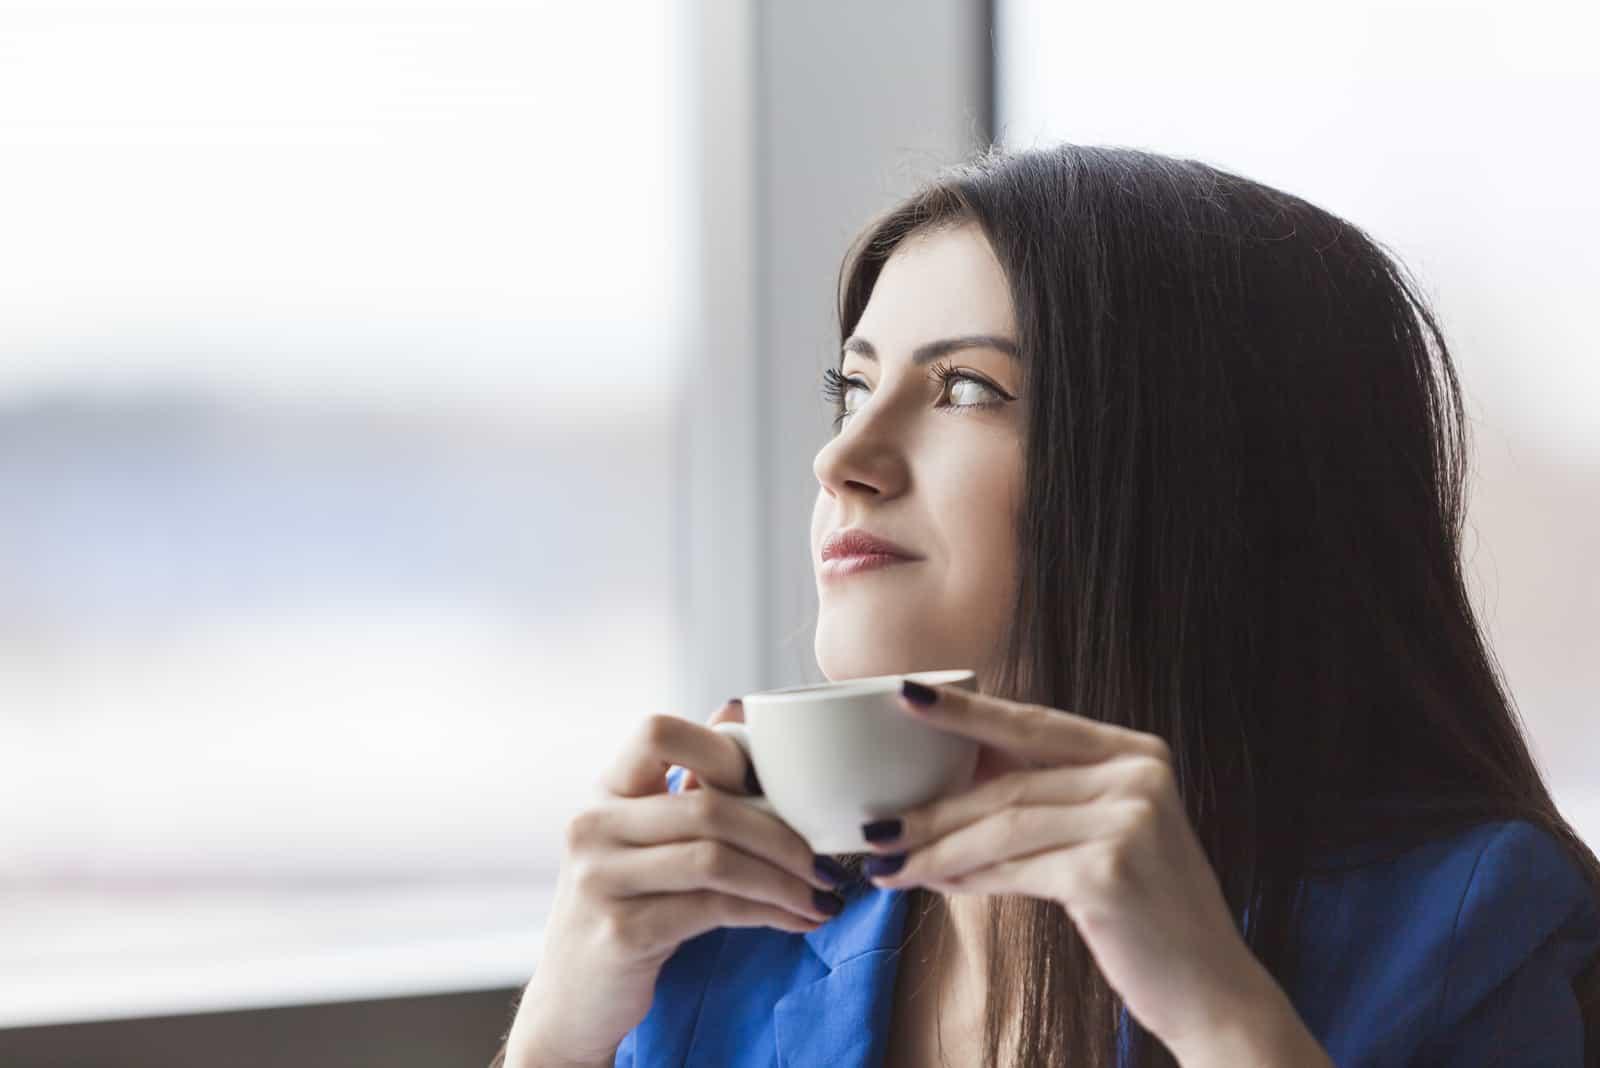 kvinna som håller en vit kaffekopp och tittar i kontorsfönstret (1)